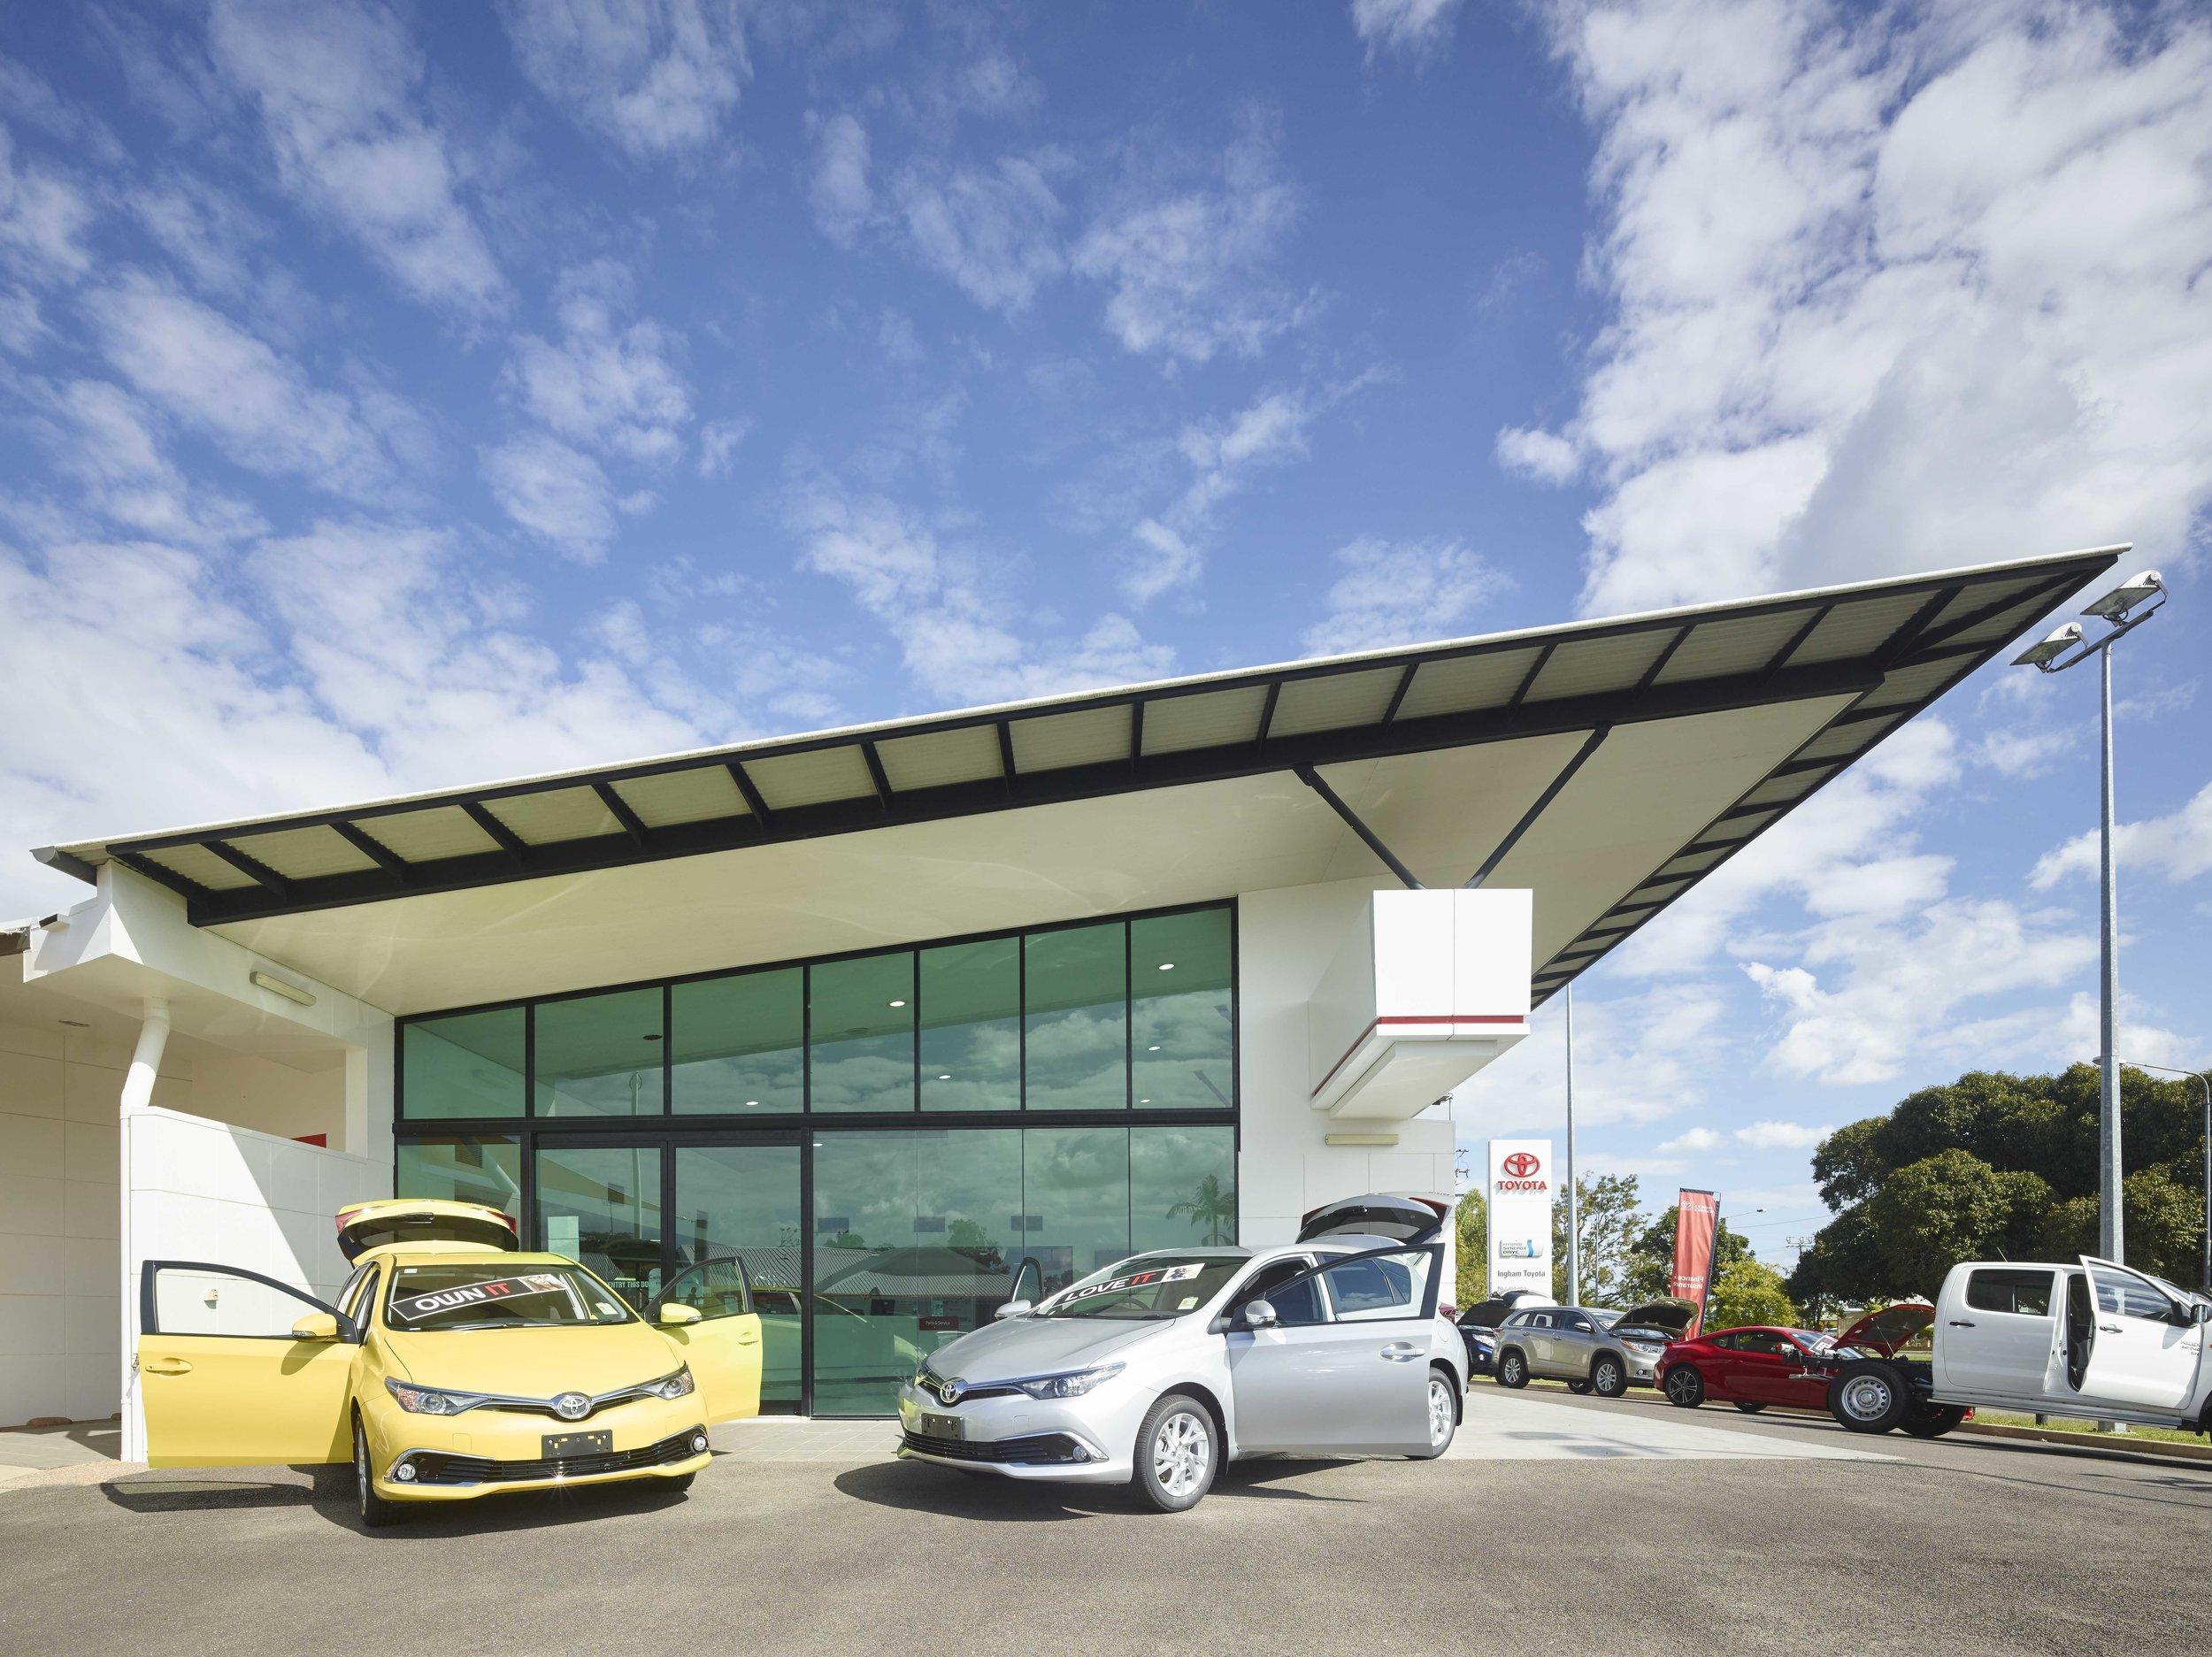 Guymer-bailey-architects-Toyota-Ingham-02.jpg